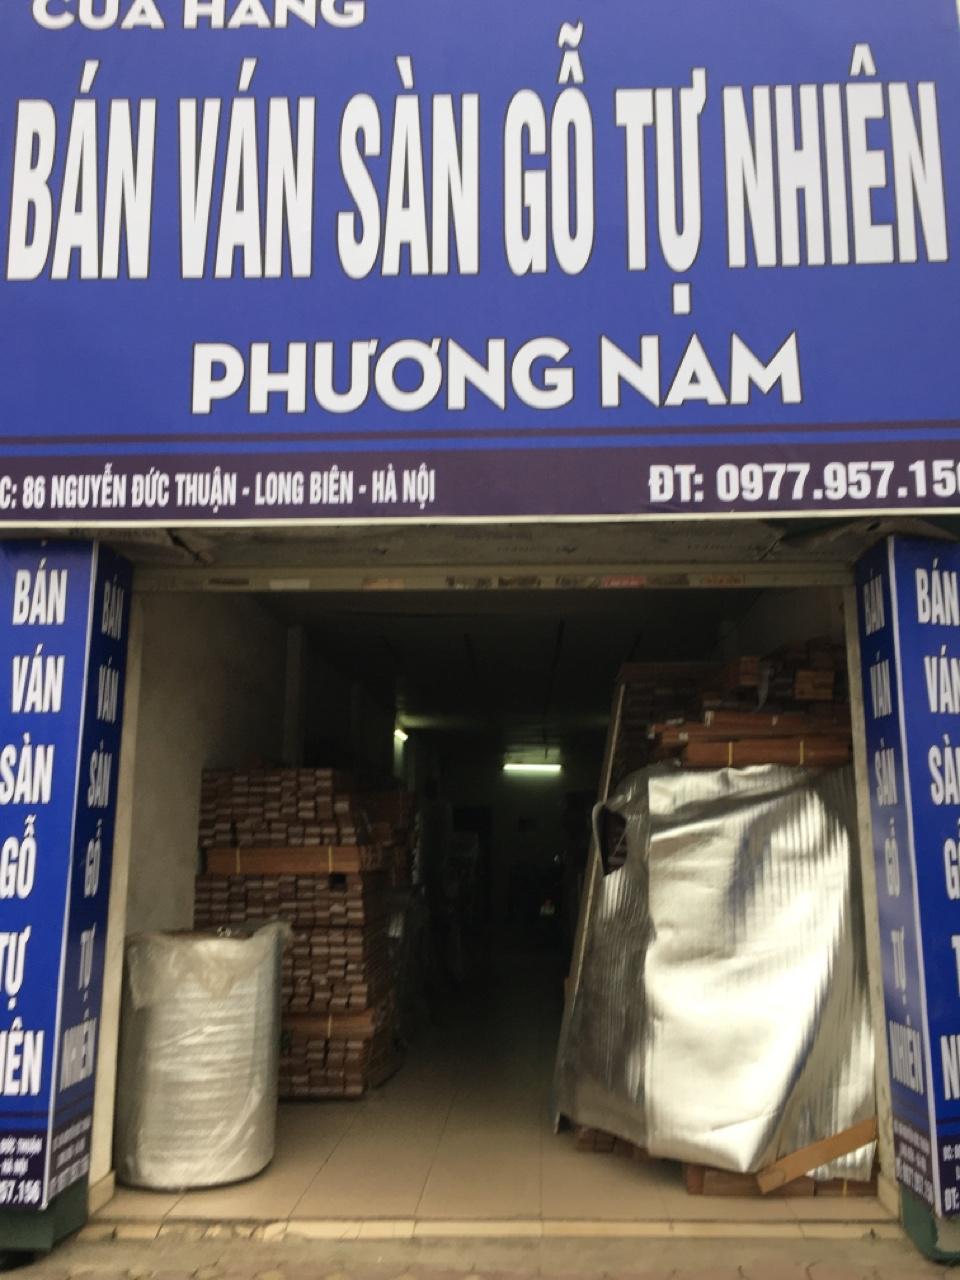 Nhận lắp đặt sàn gỗ tự nhiên , gỗ công nghiệp giá rẻ hot nhất Hà Nội